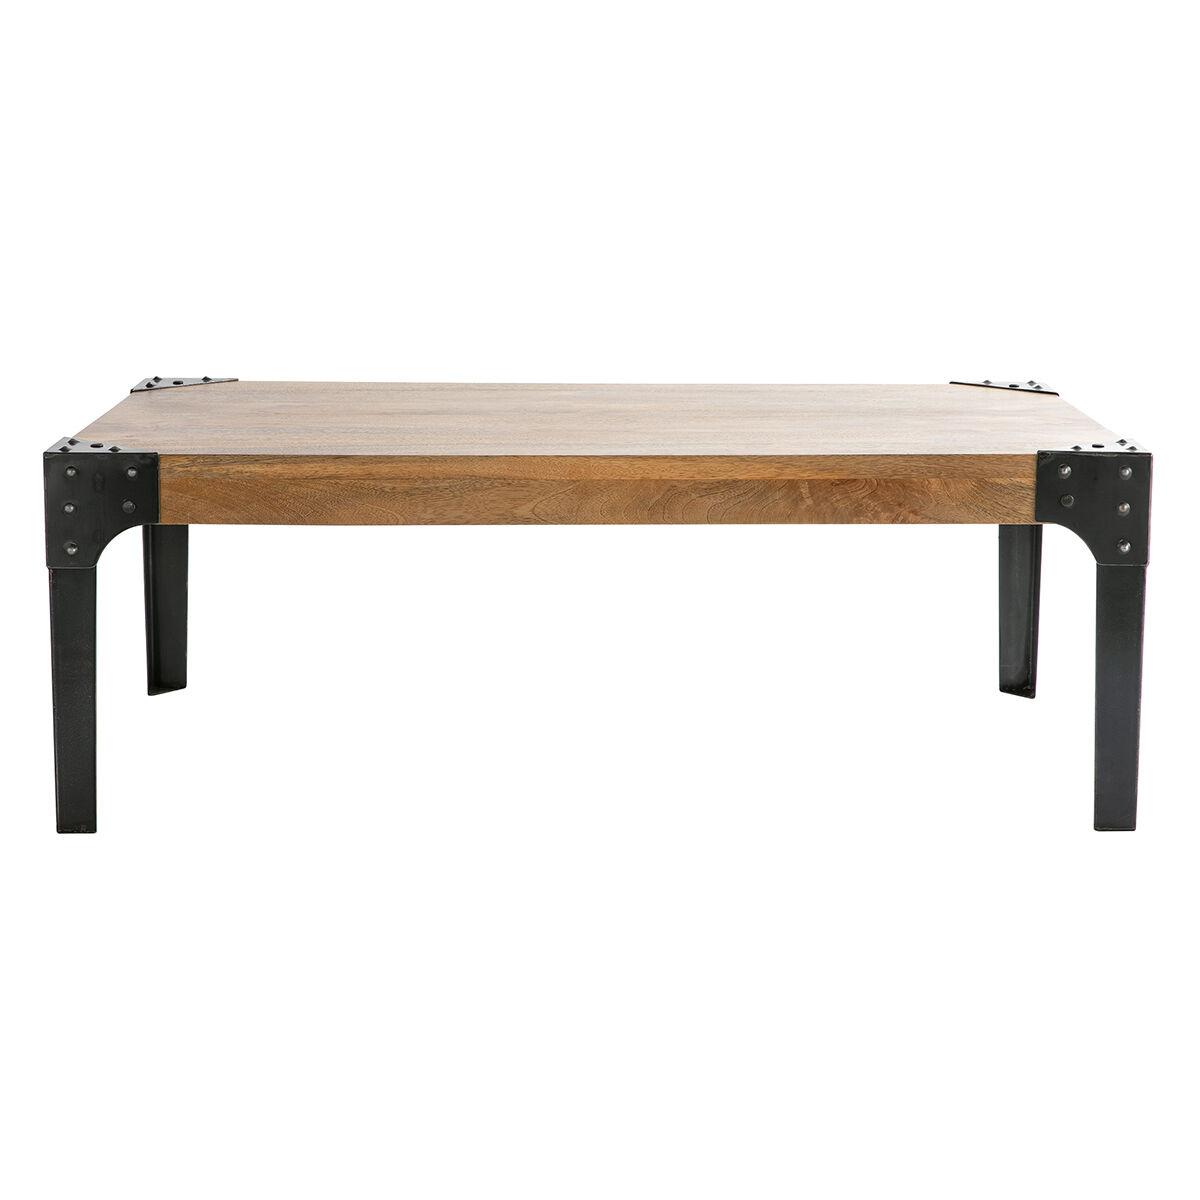 Miliboo Table basse industrielle métal et manguier massif L120 cm MADISON